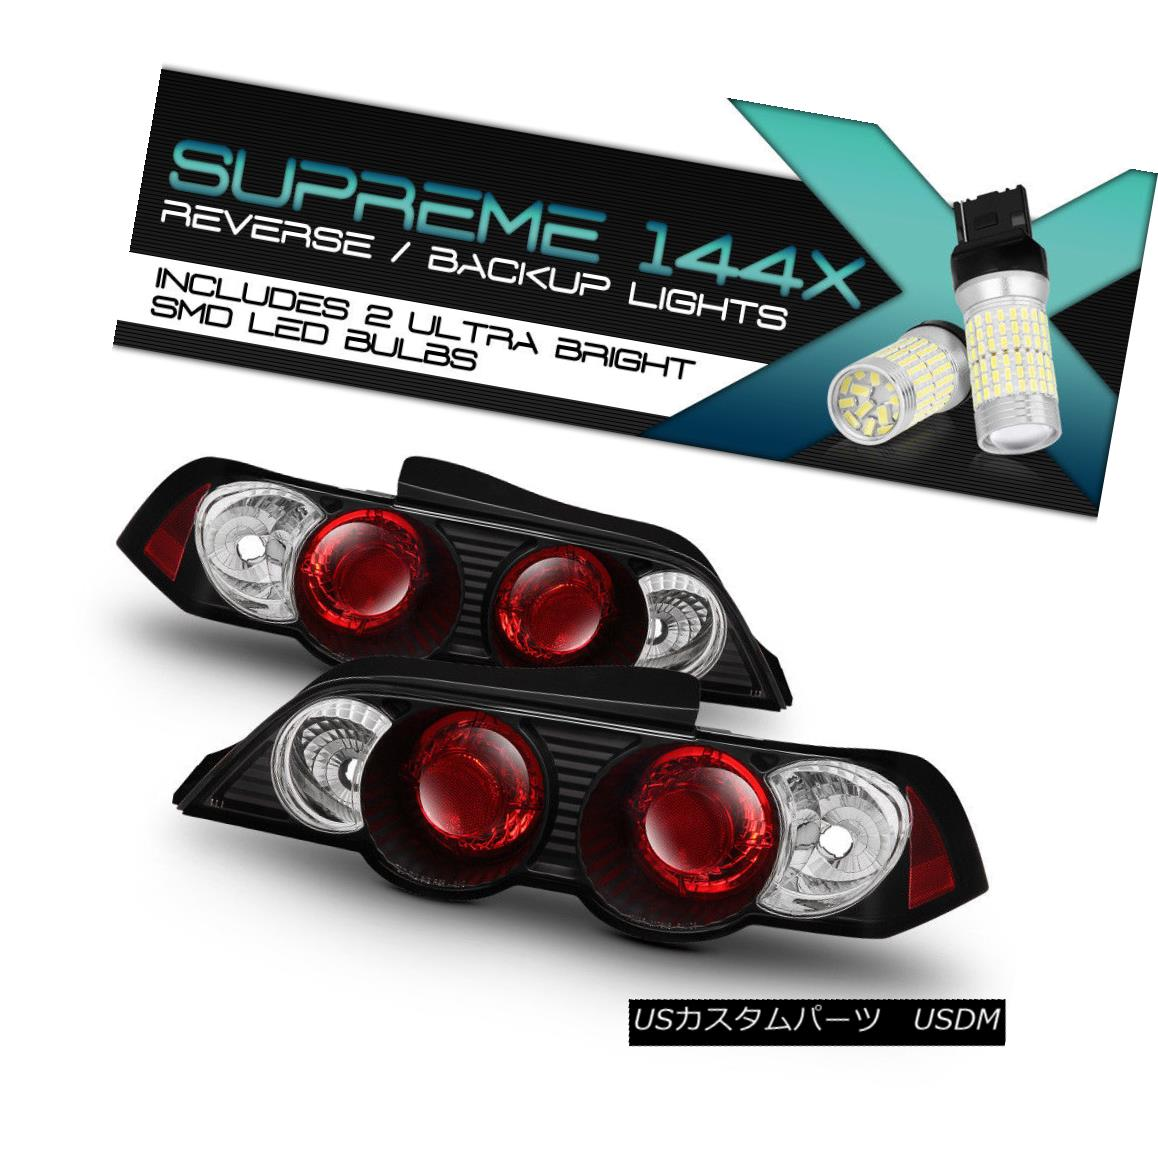 テールライト RSX [360 DEGREE SMD BACKUP] MT 02-04 New Rear Acura RSX AT MT Coupe Tail Lamps Rear Pair L+R [360度SMDバックアップ] 02-04新型アクラRSX AT MTクーペテールランプリアペアL + R, 朝来町:666c93d1 --- officewill.xsrv.jp